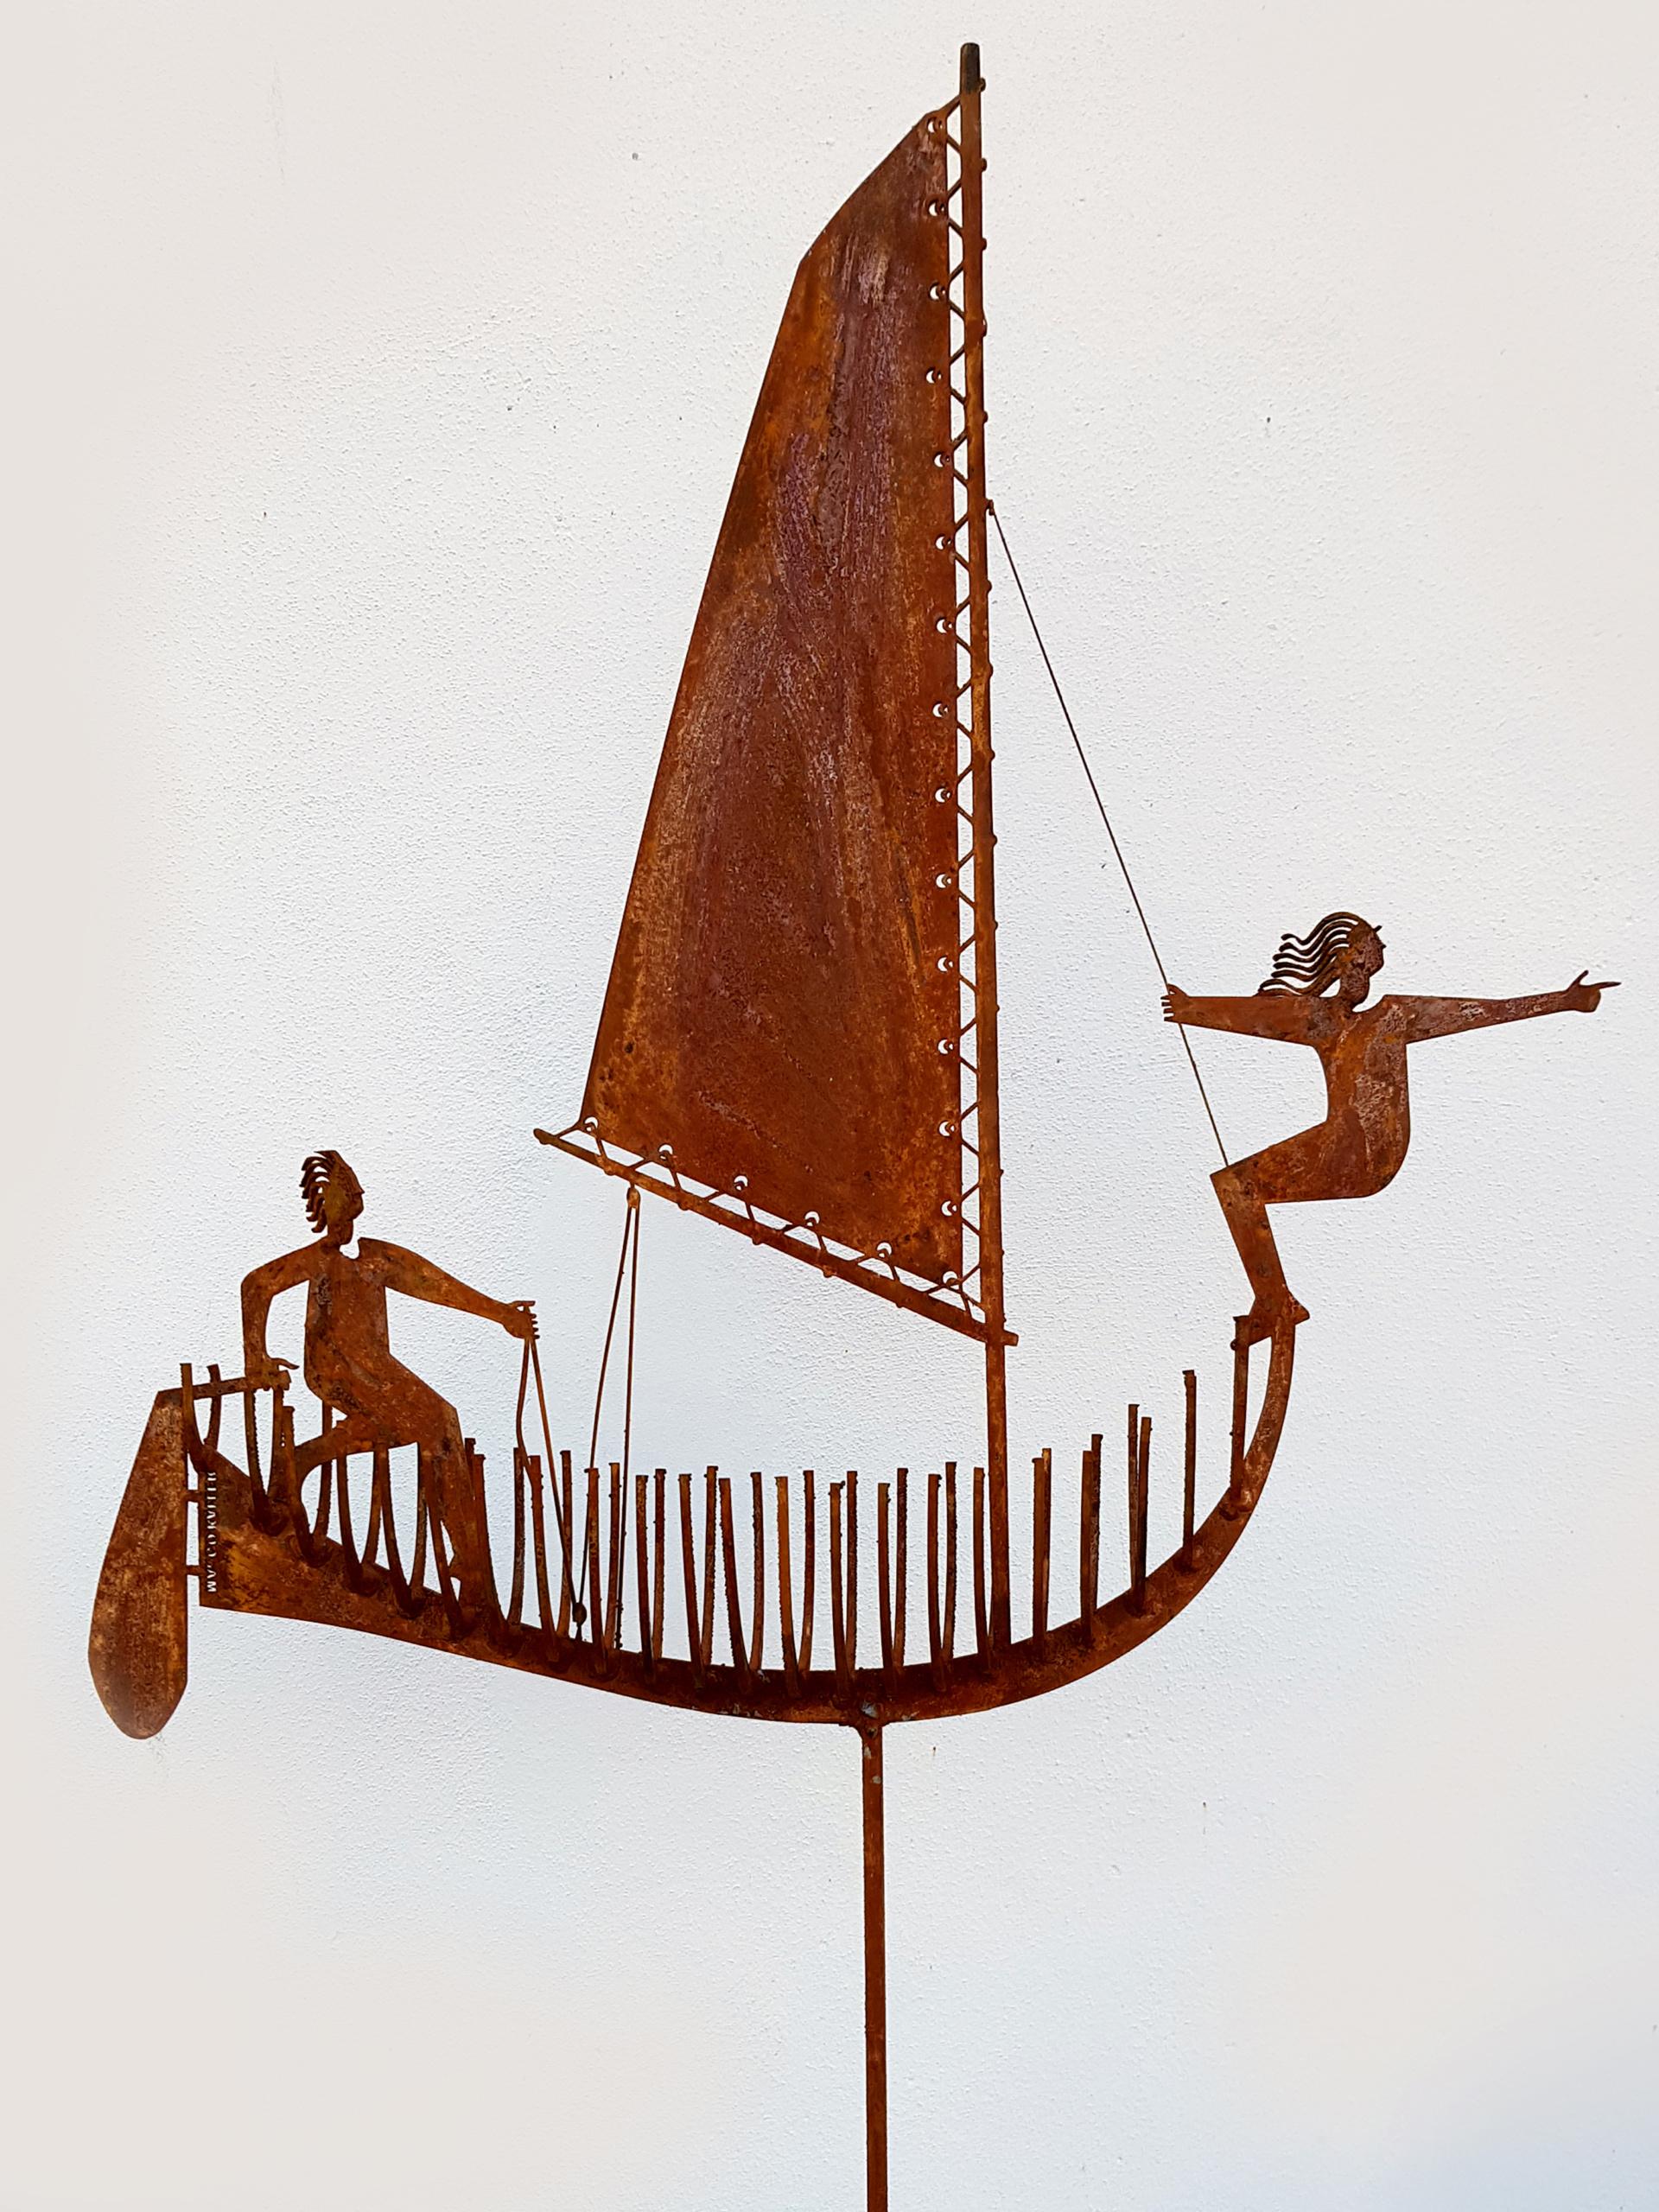 De Navigator sculpture